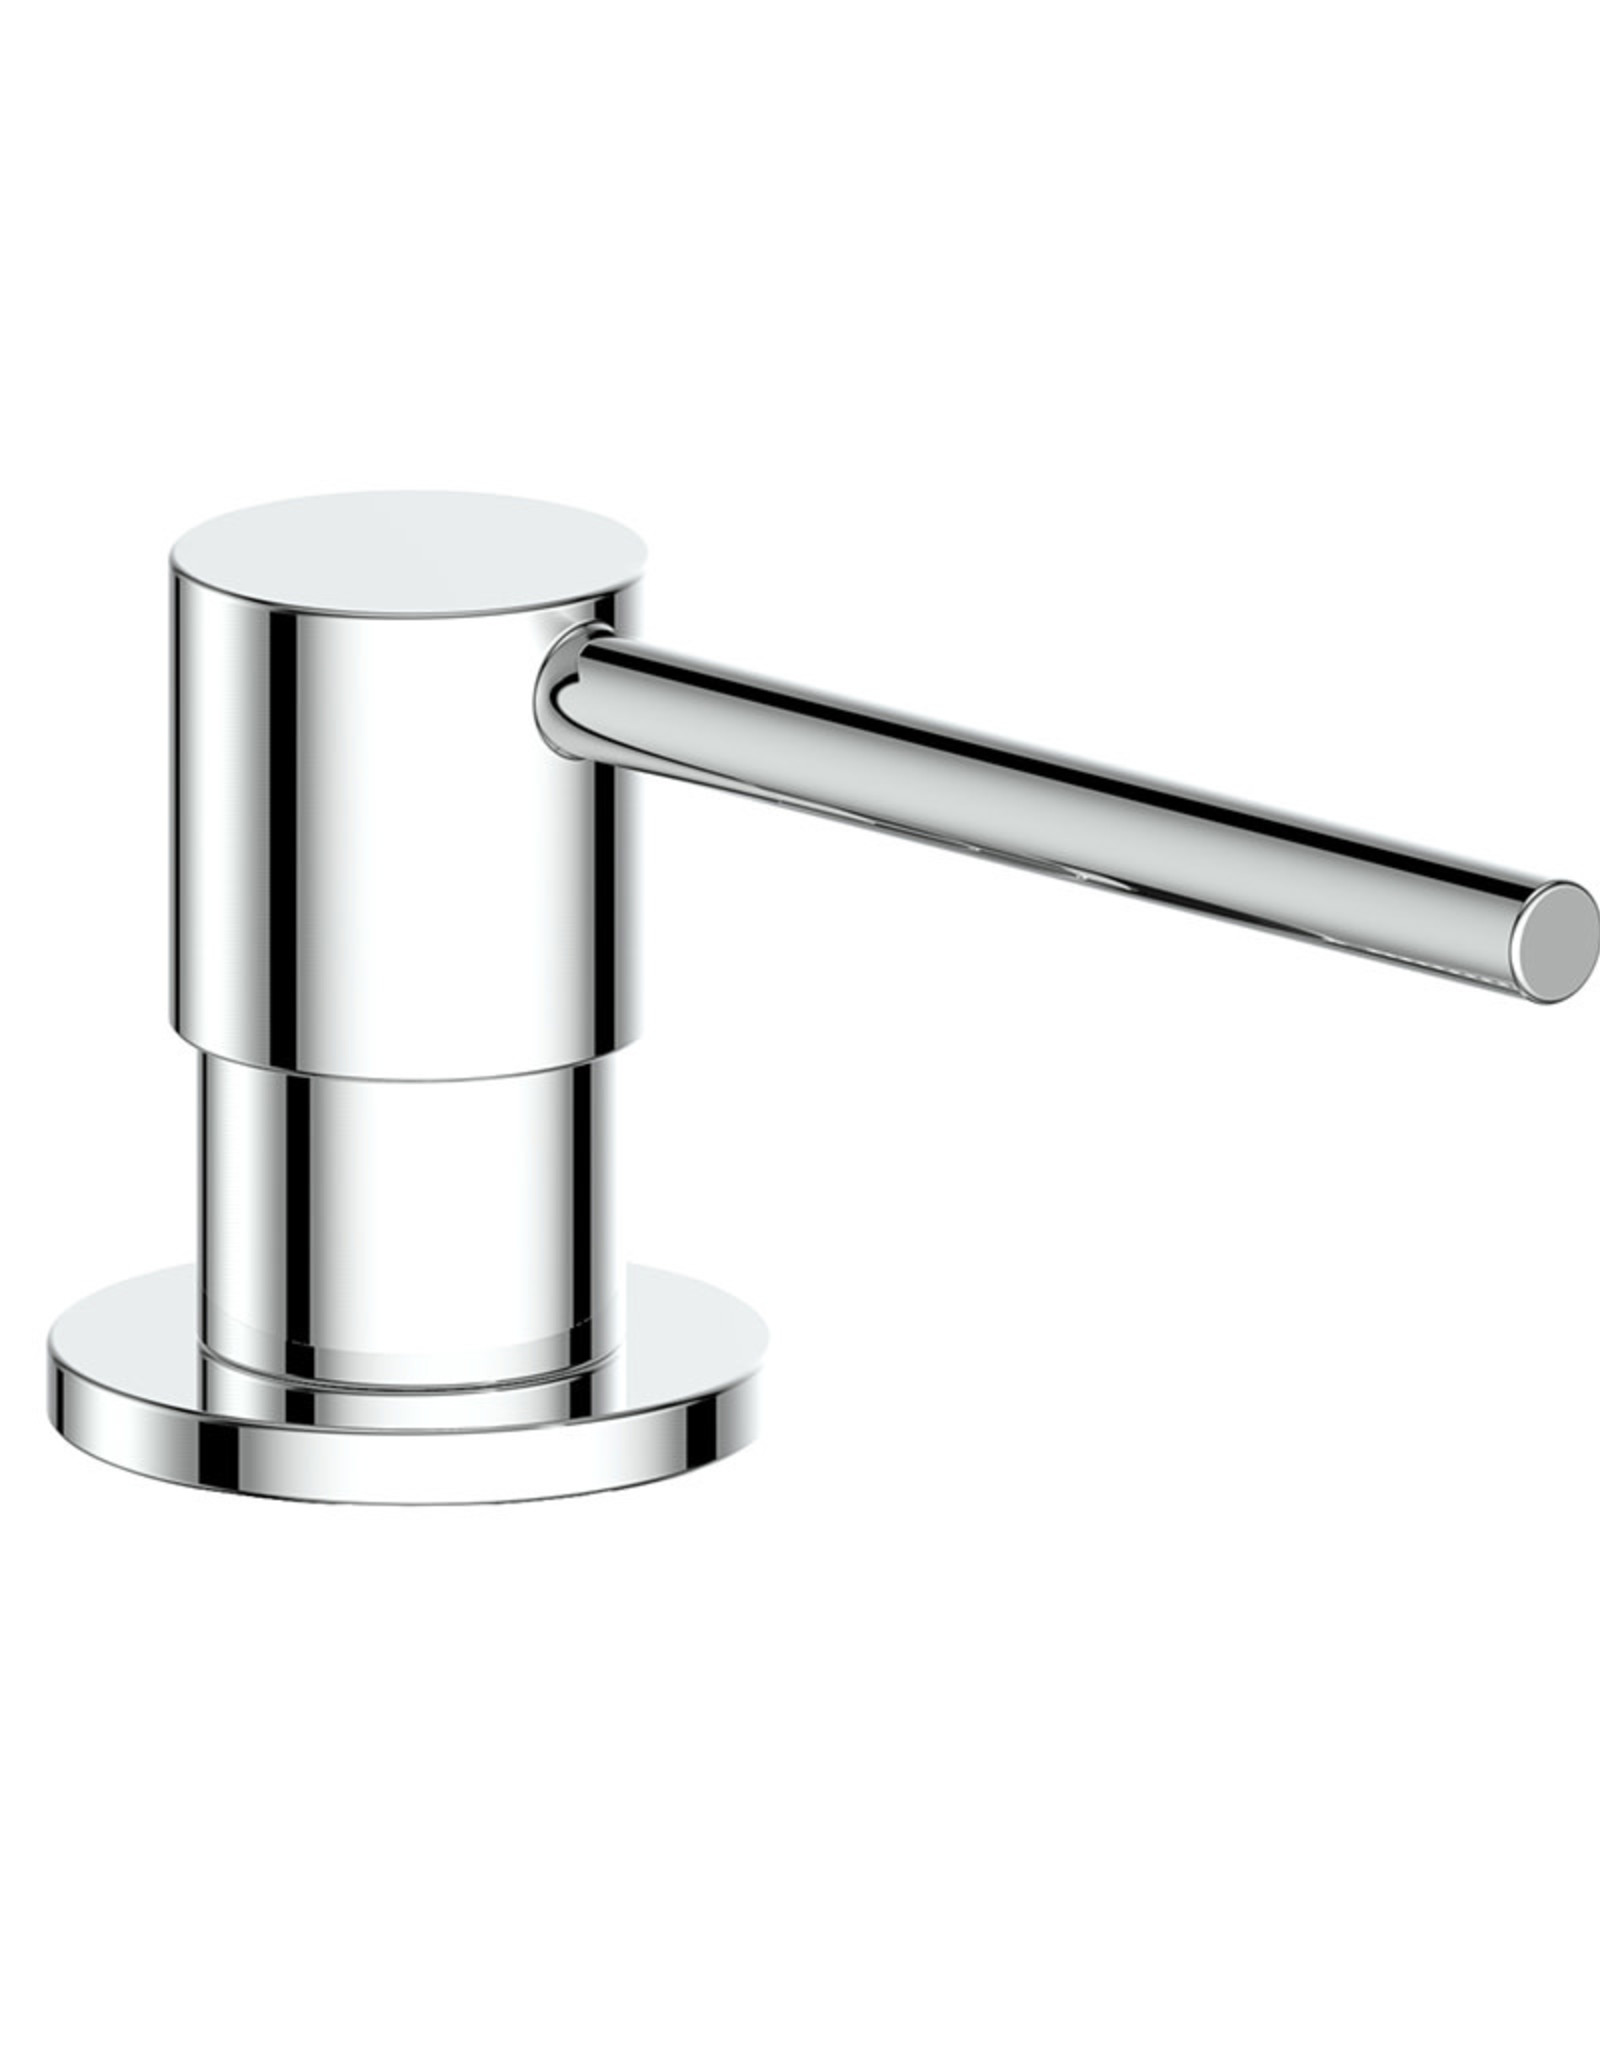 Vogt Vogt Modern Soap Dispenser